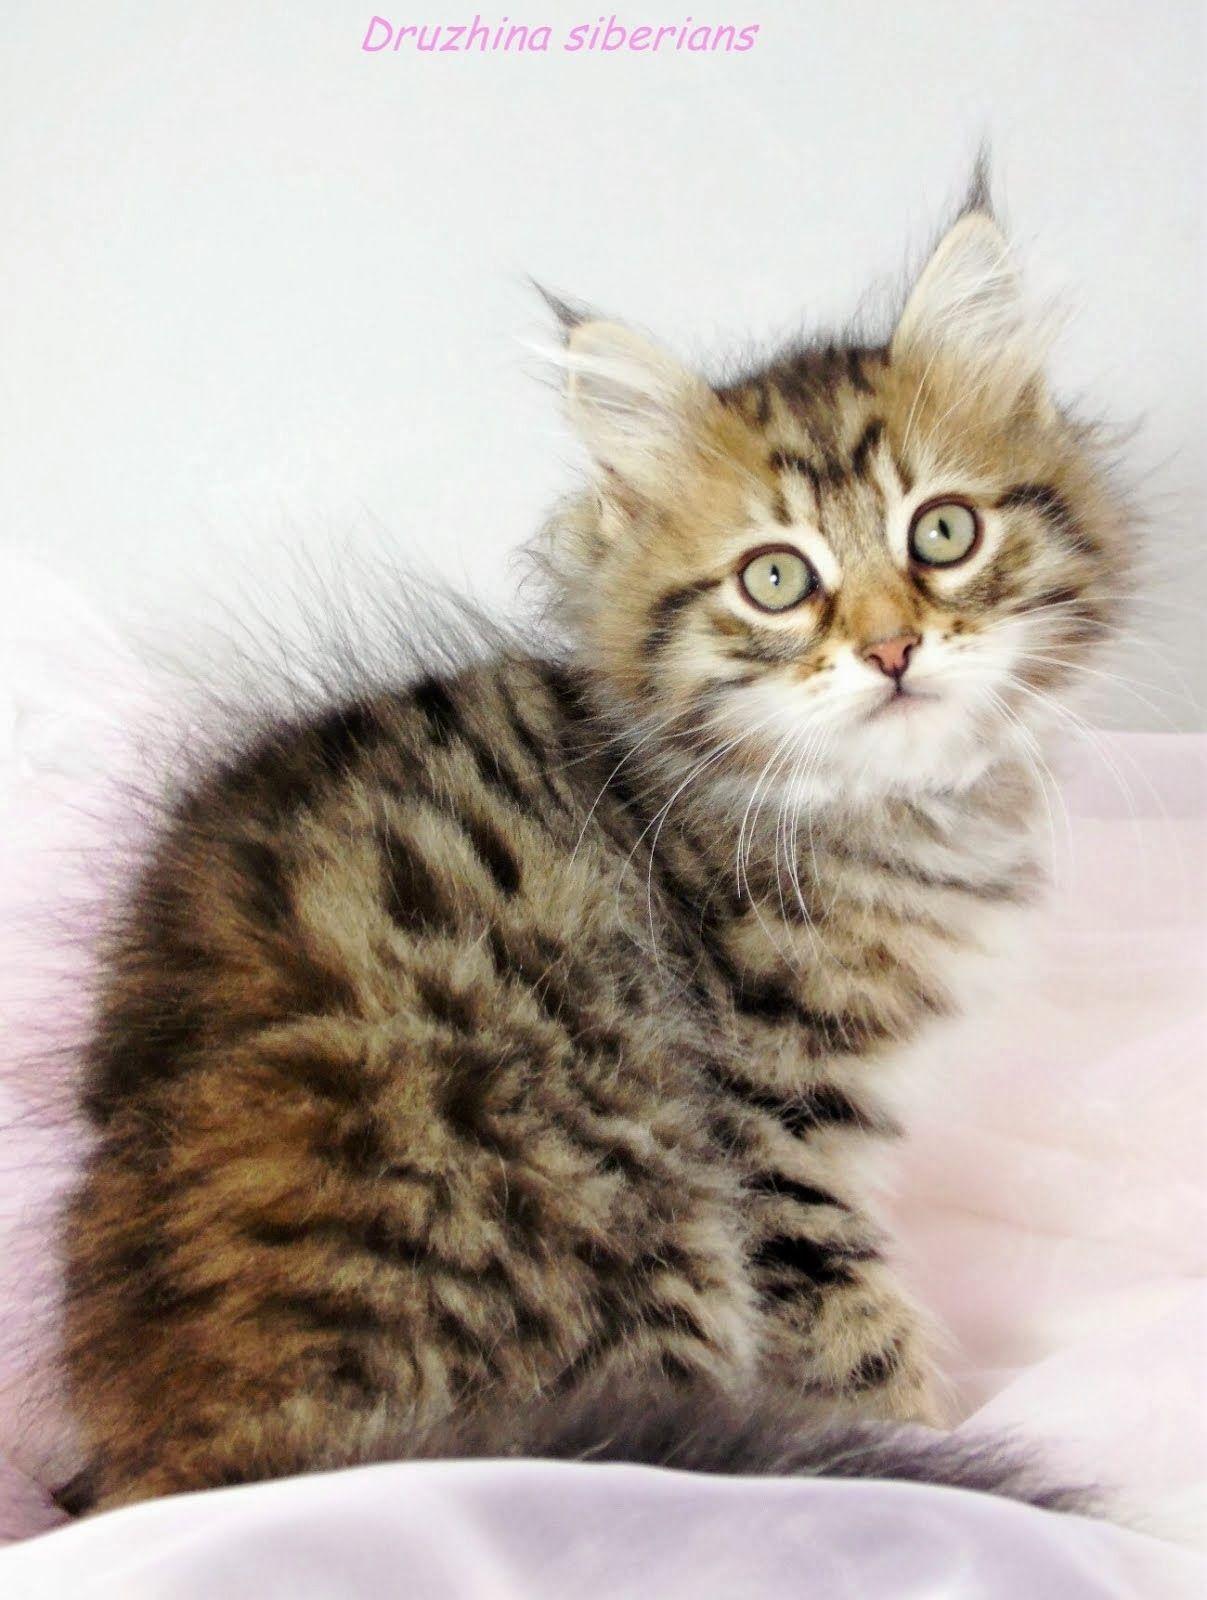 Druzhina Siberians Orange Tabby Cats Tabby Cat Cats